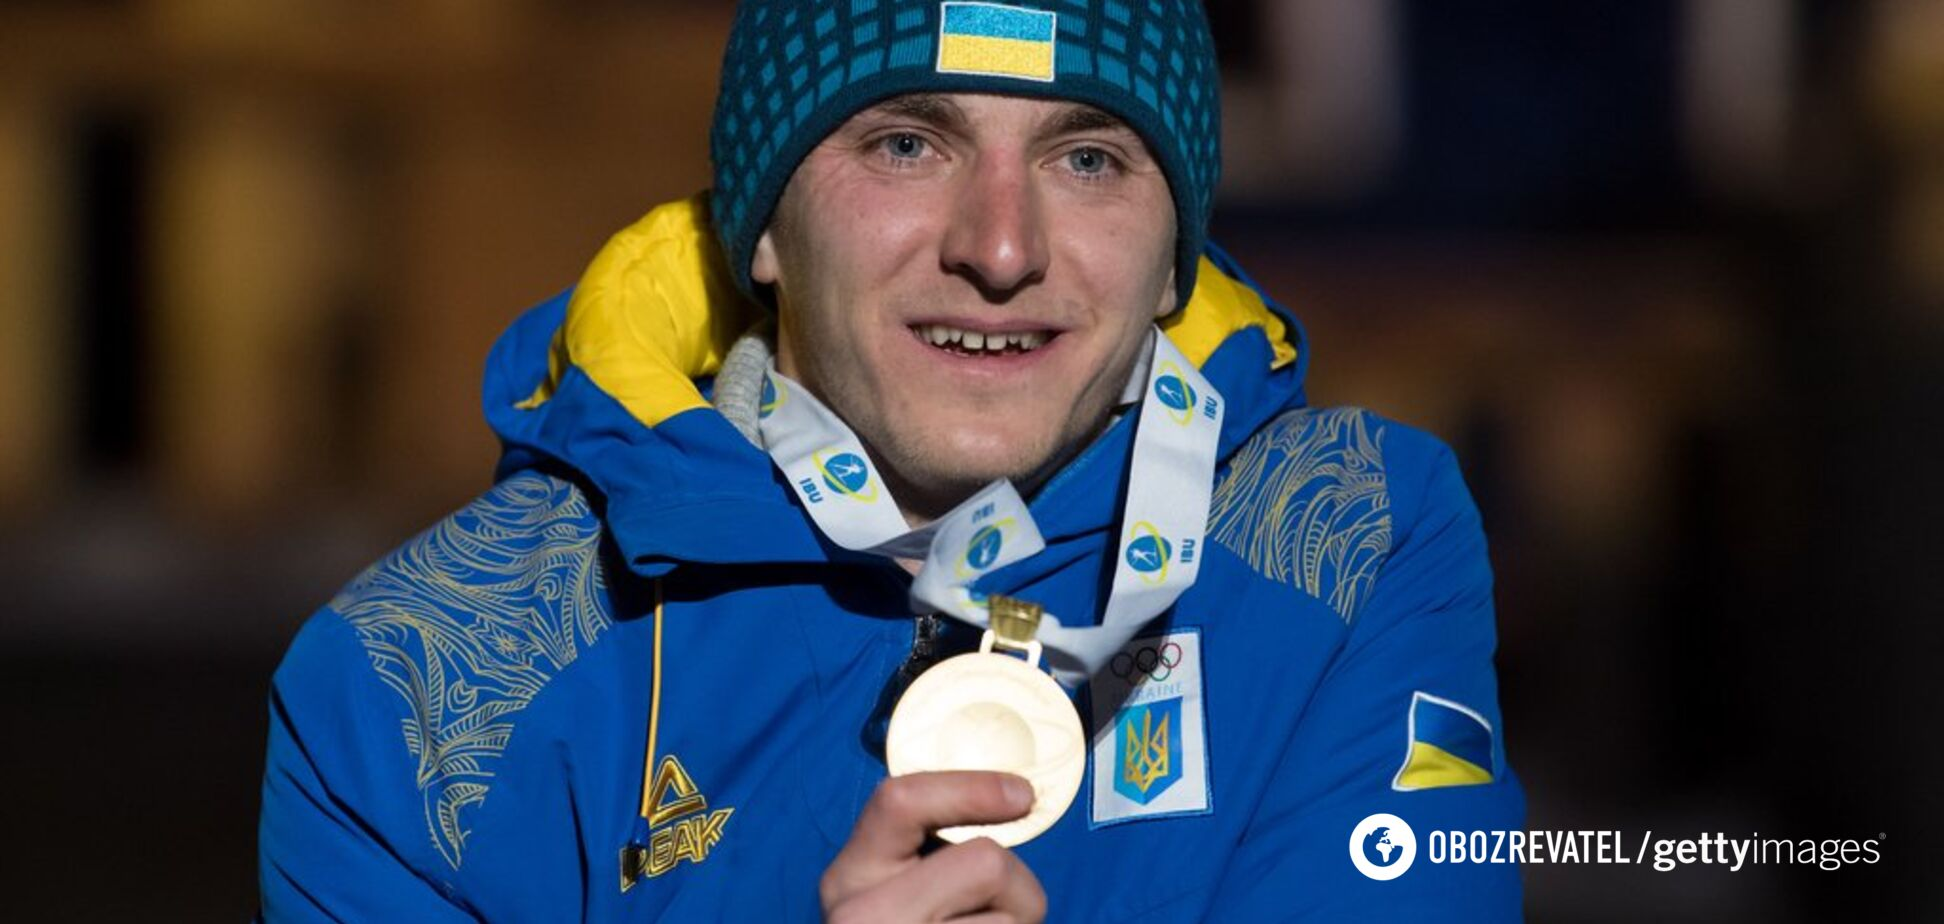 Смалить корупцію та Росію: 5 вогняних фактів про нового чемпіона світу Дмитра Підручного